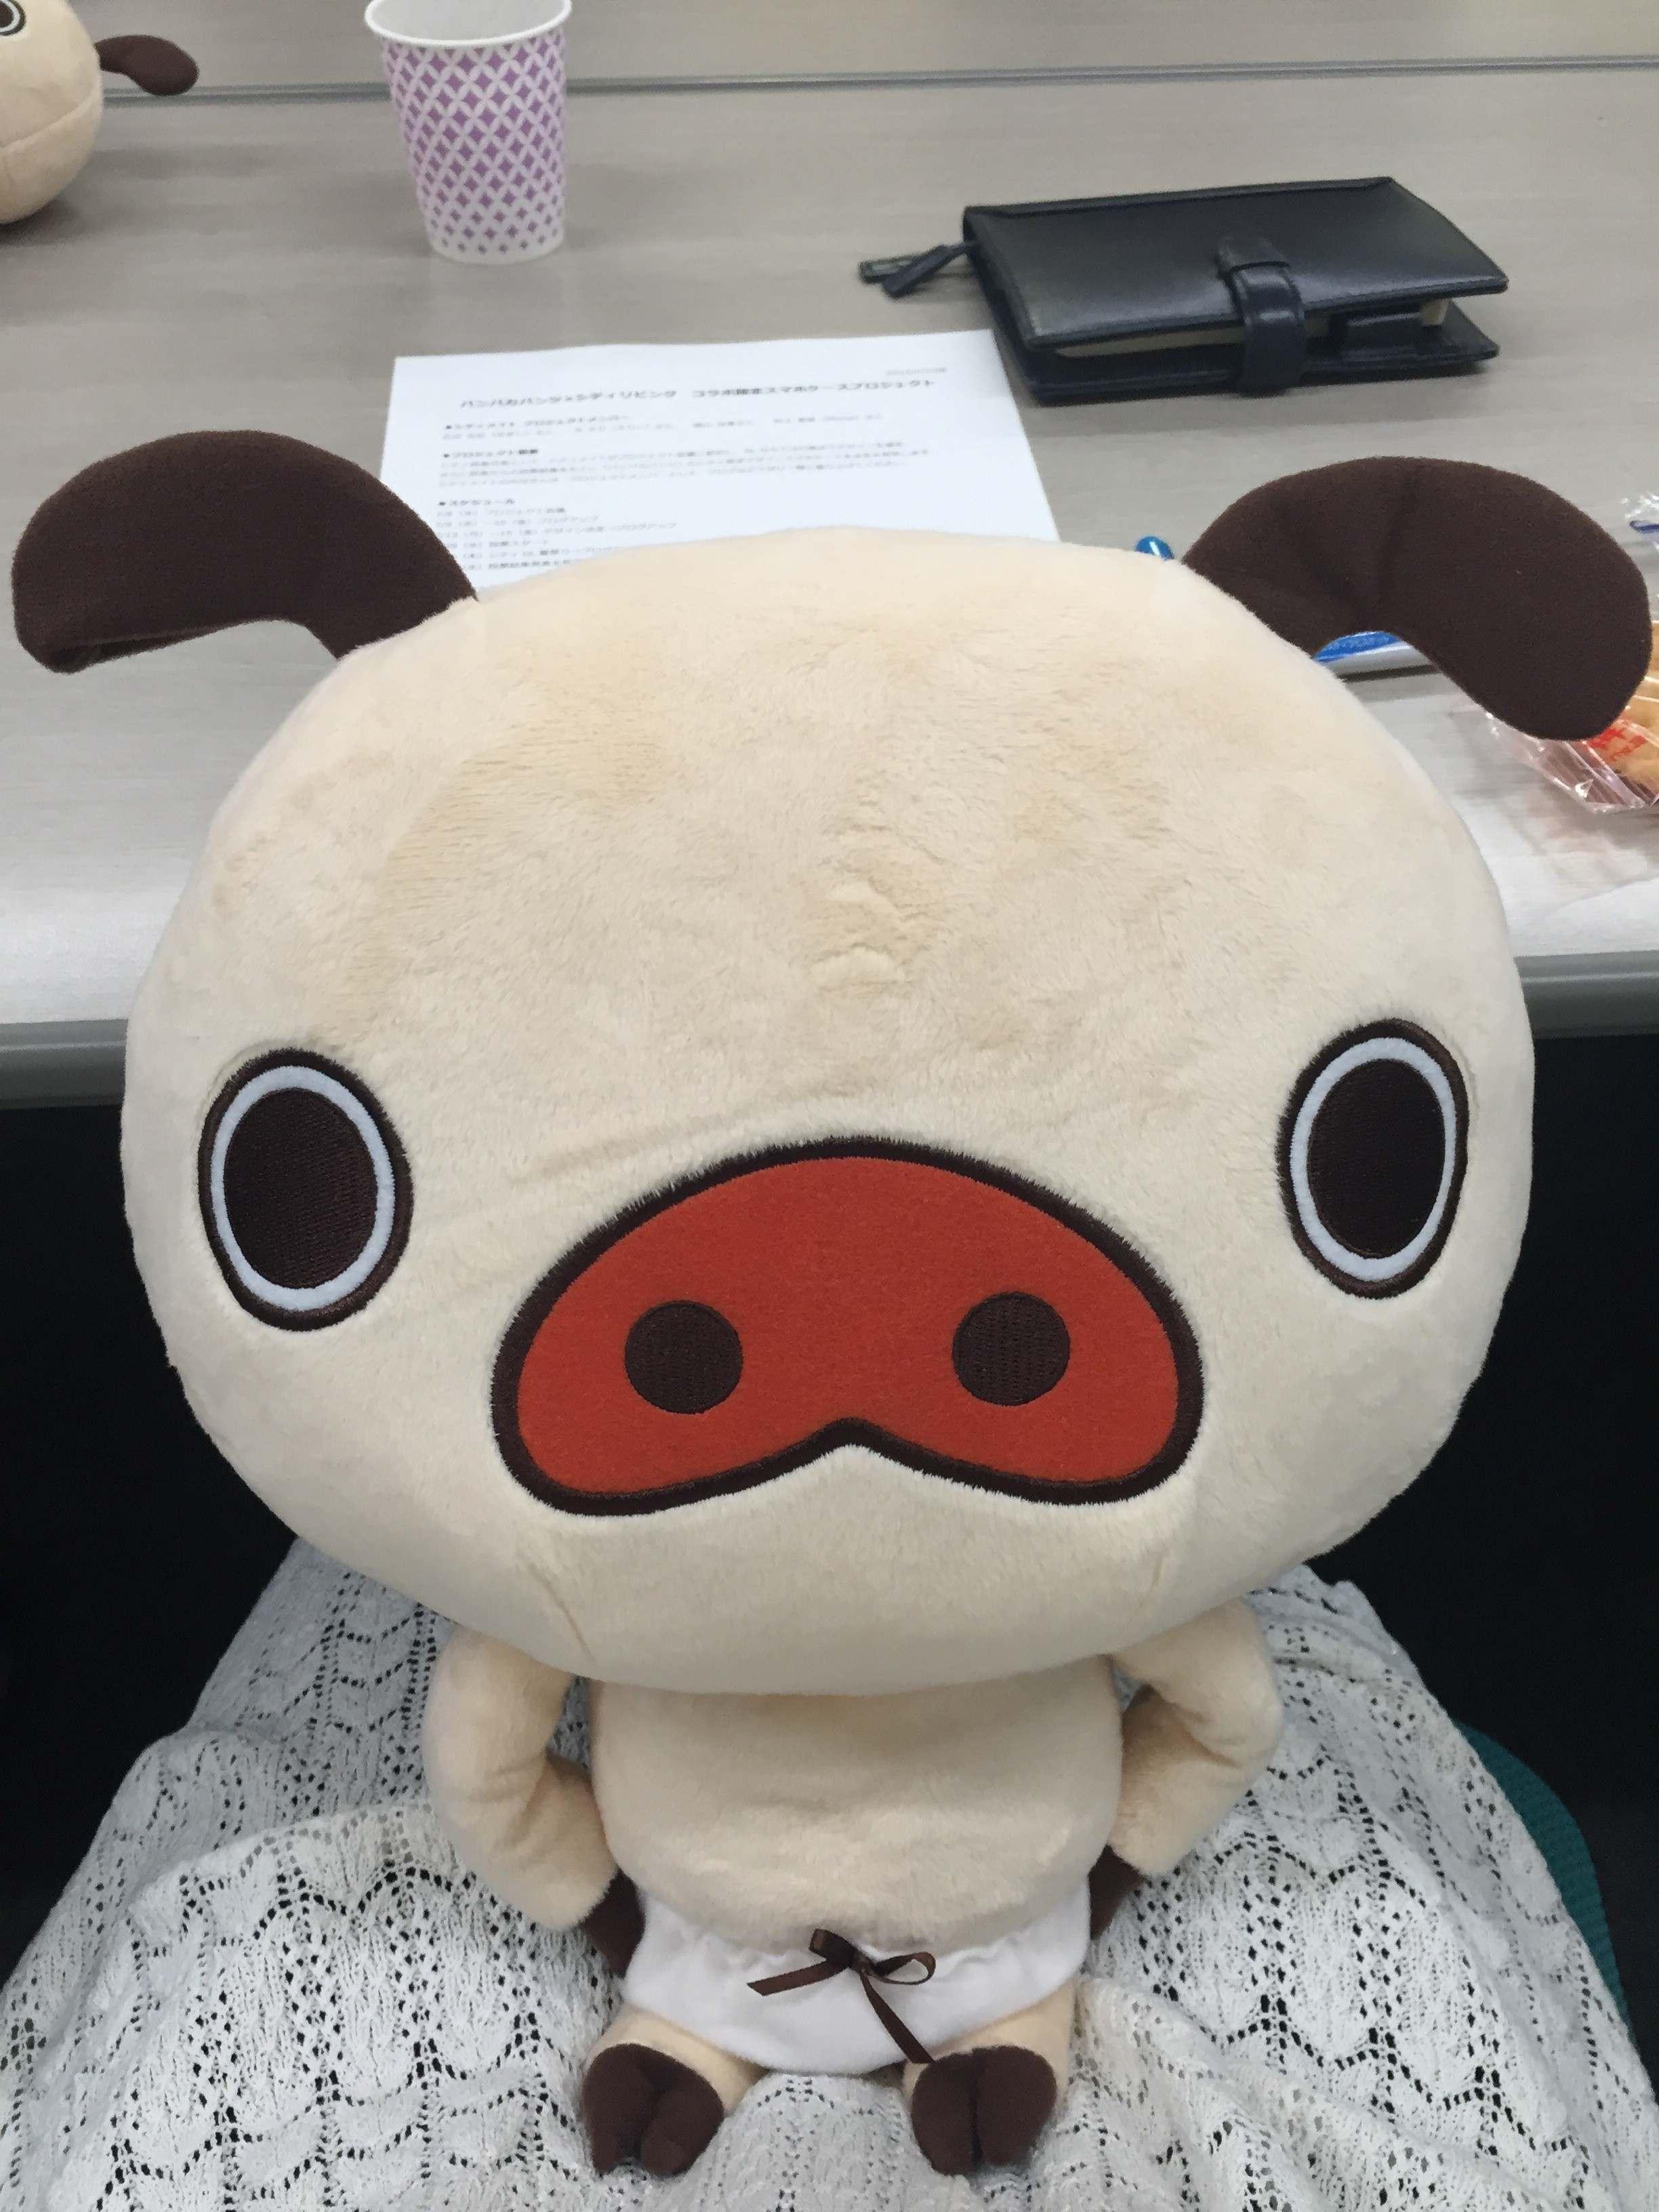 パンパカパンツ×シティリビングコラボ企画!スマホケース作ろ〜☆